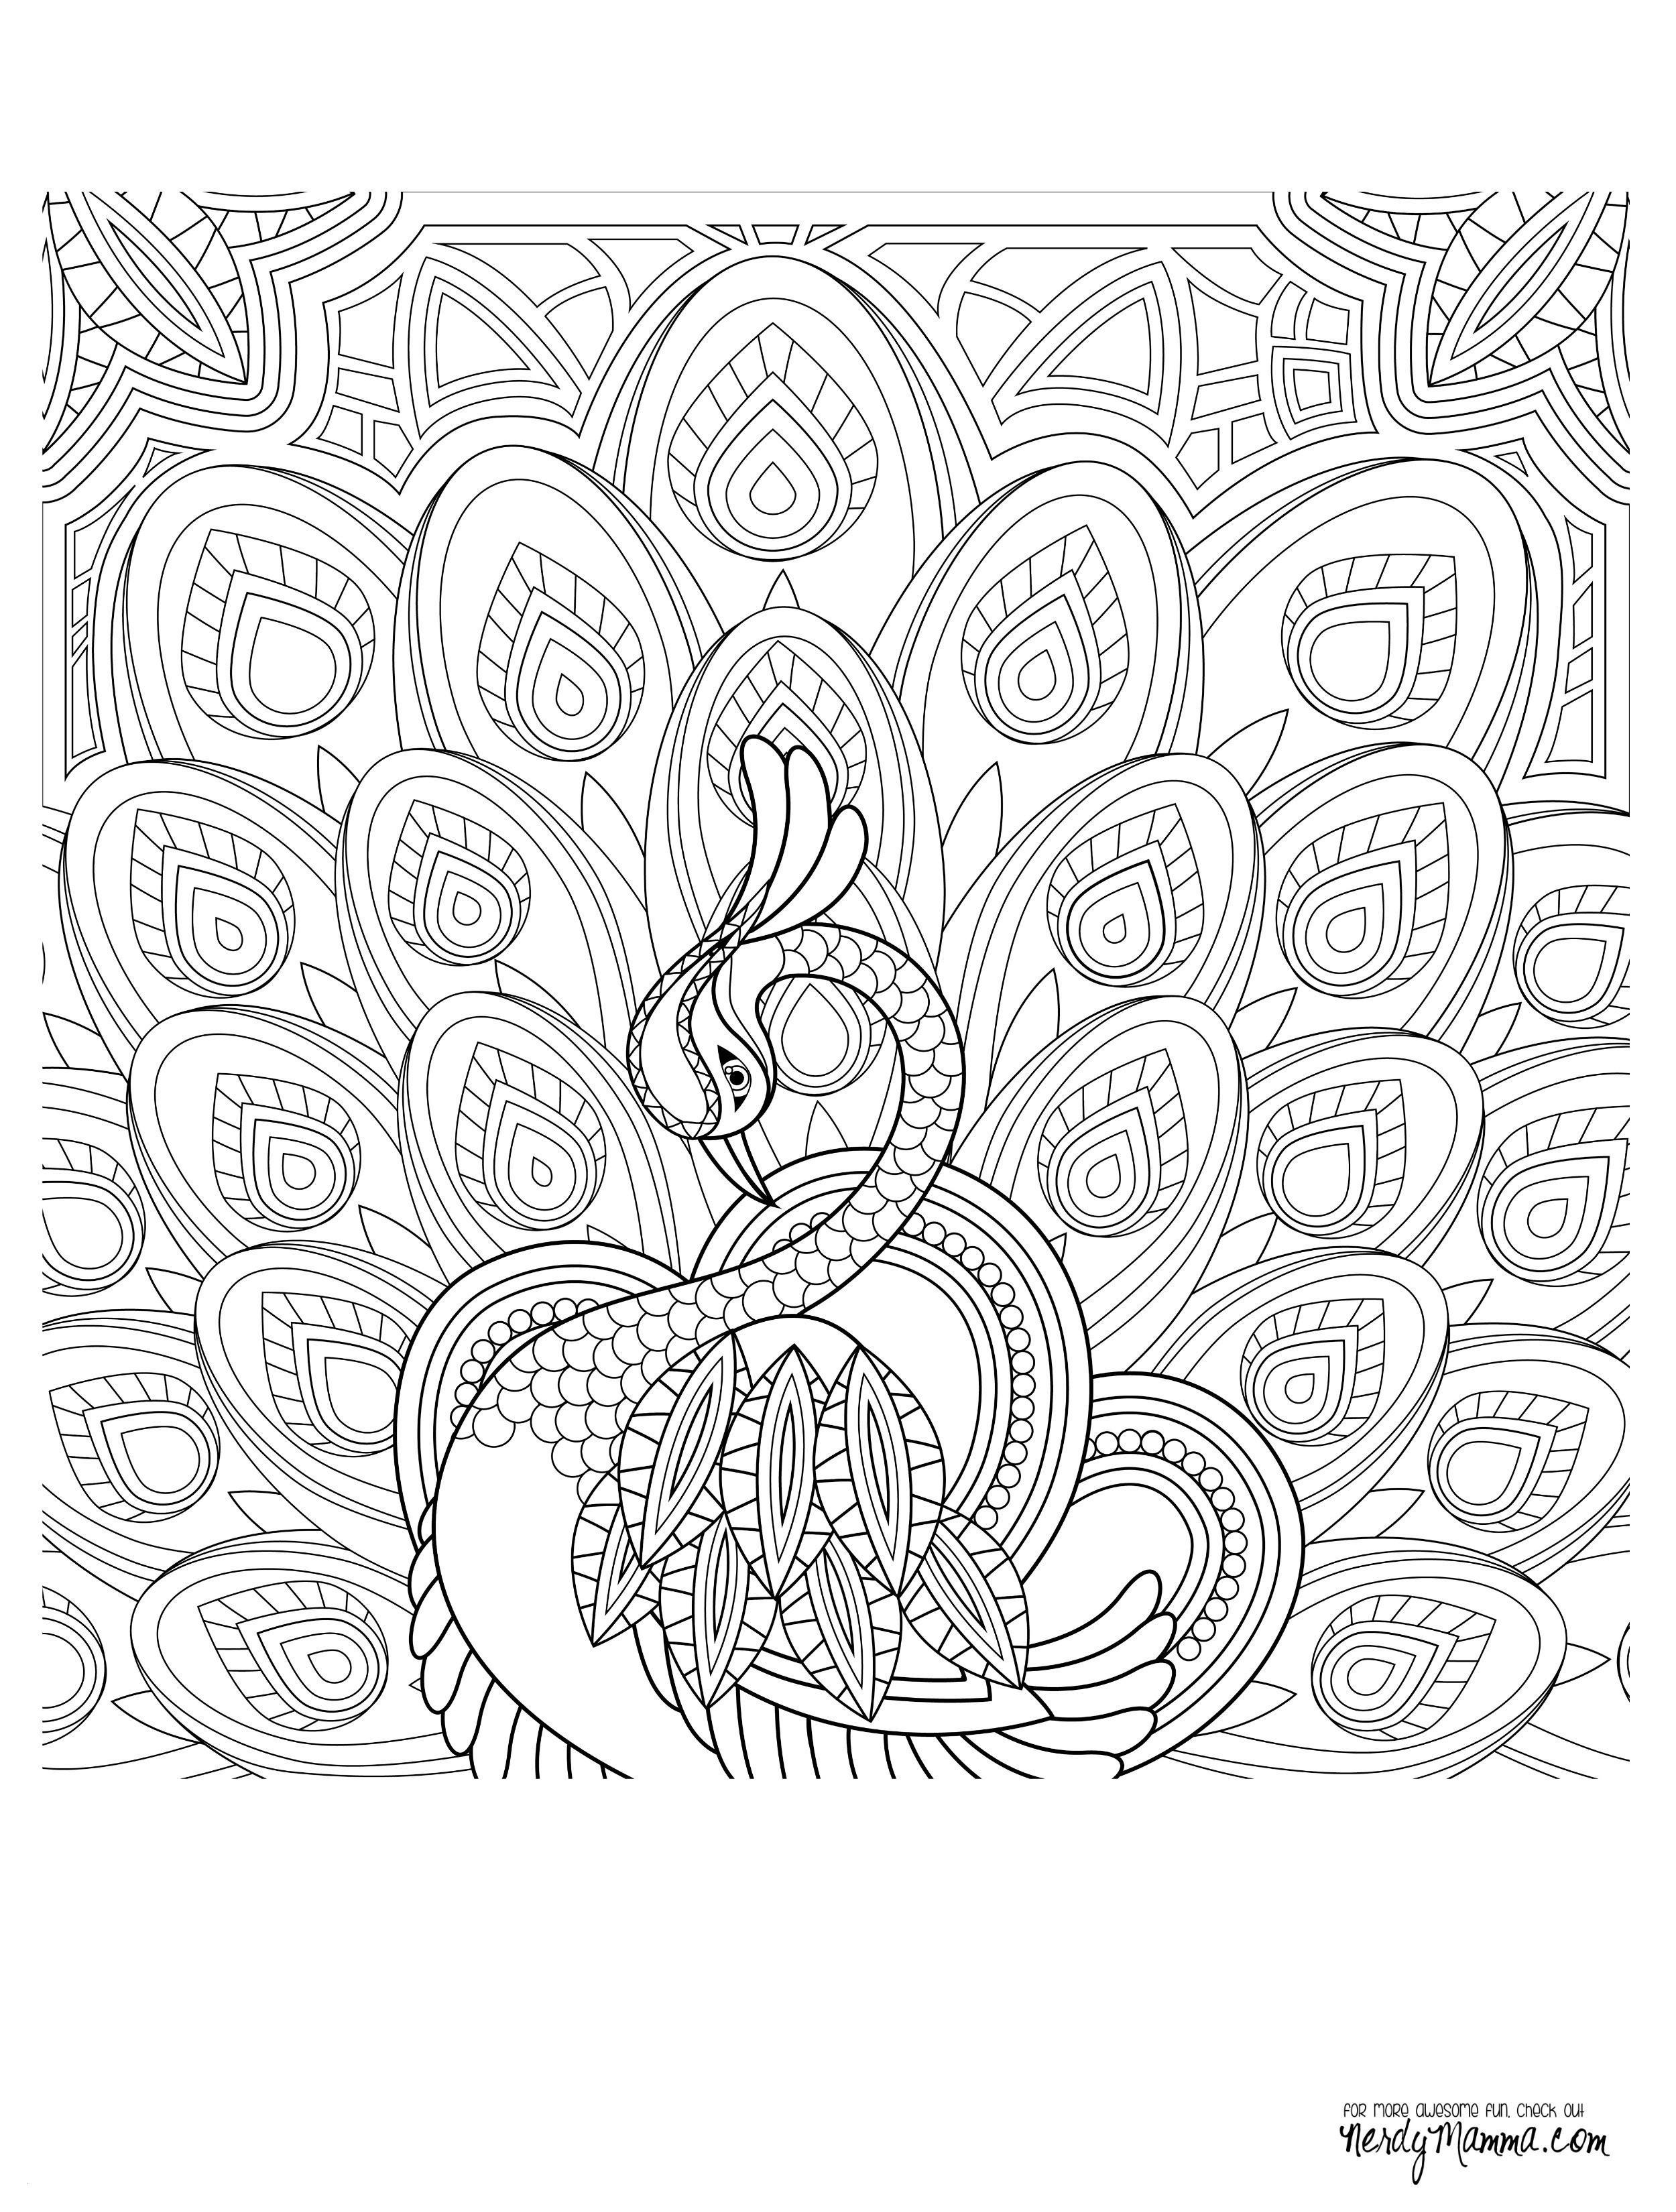 Alvin Und Die Chipmunks Ausmalbilder Das Beste Von Ausmalbilder Malen Nach Zahlen Zum Drucken Genial Malvorlagen Für Das Bild